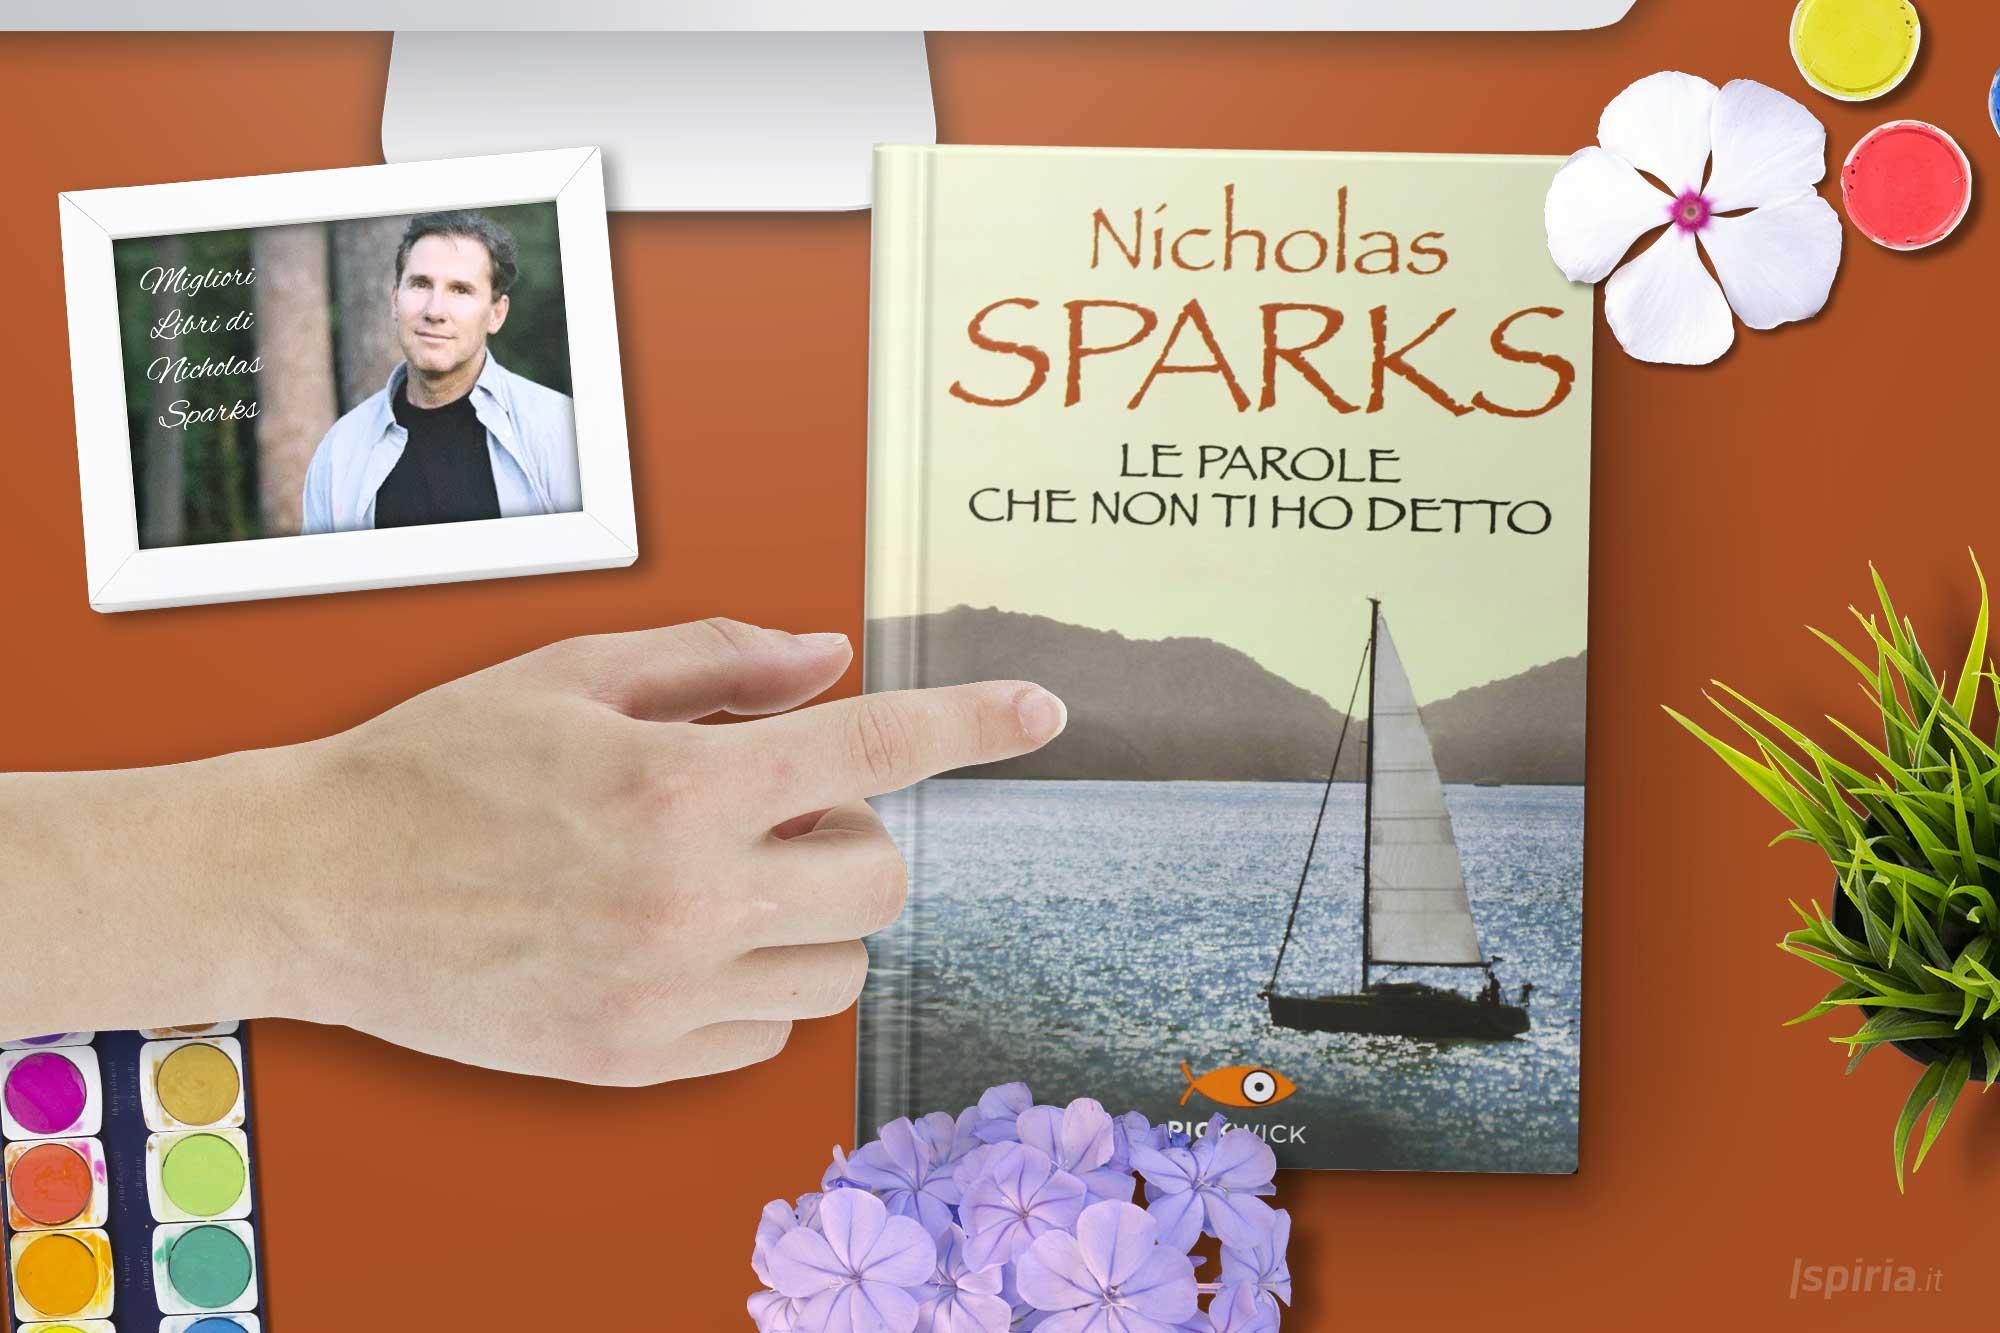 le-parole-che-non-ti-ho-detto-nicholas-sparks